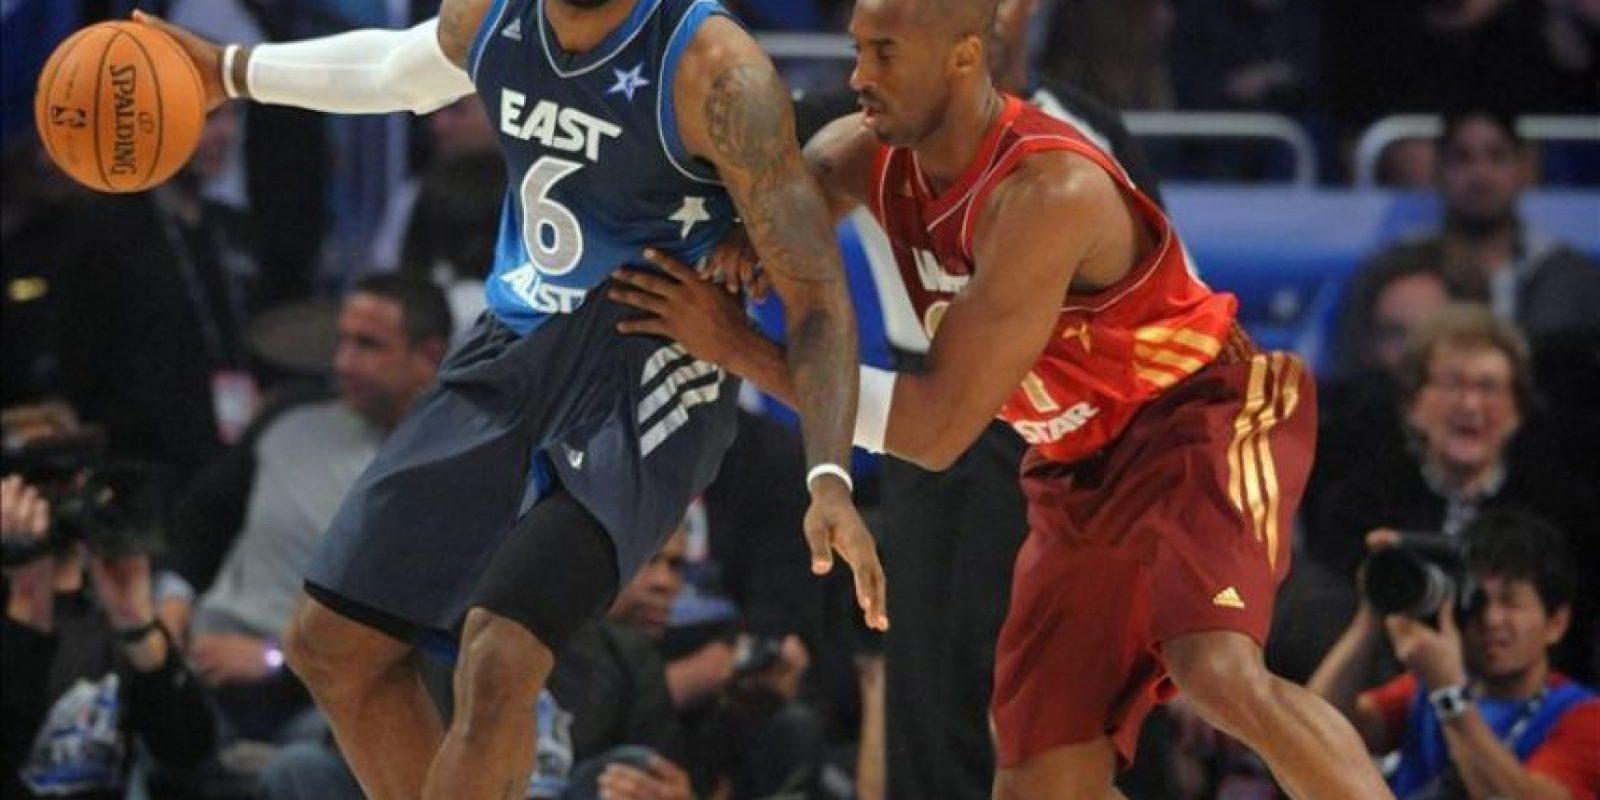 El jugador del equipo de la Conferencia Este LeBron James (i) de los Miami Heat disputa el balón ante Kobe Bryant (d) de Los Angeles Lakers con el equipo de la Conferencia Oeste, en el Juego de las Estrellas de la NBA en el Amway Center en Orlando, Florida (EE.UU.). EFE